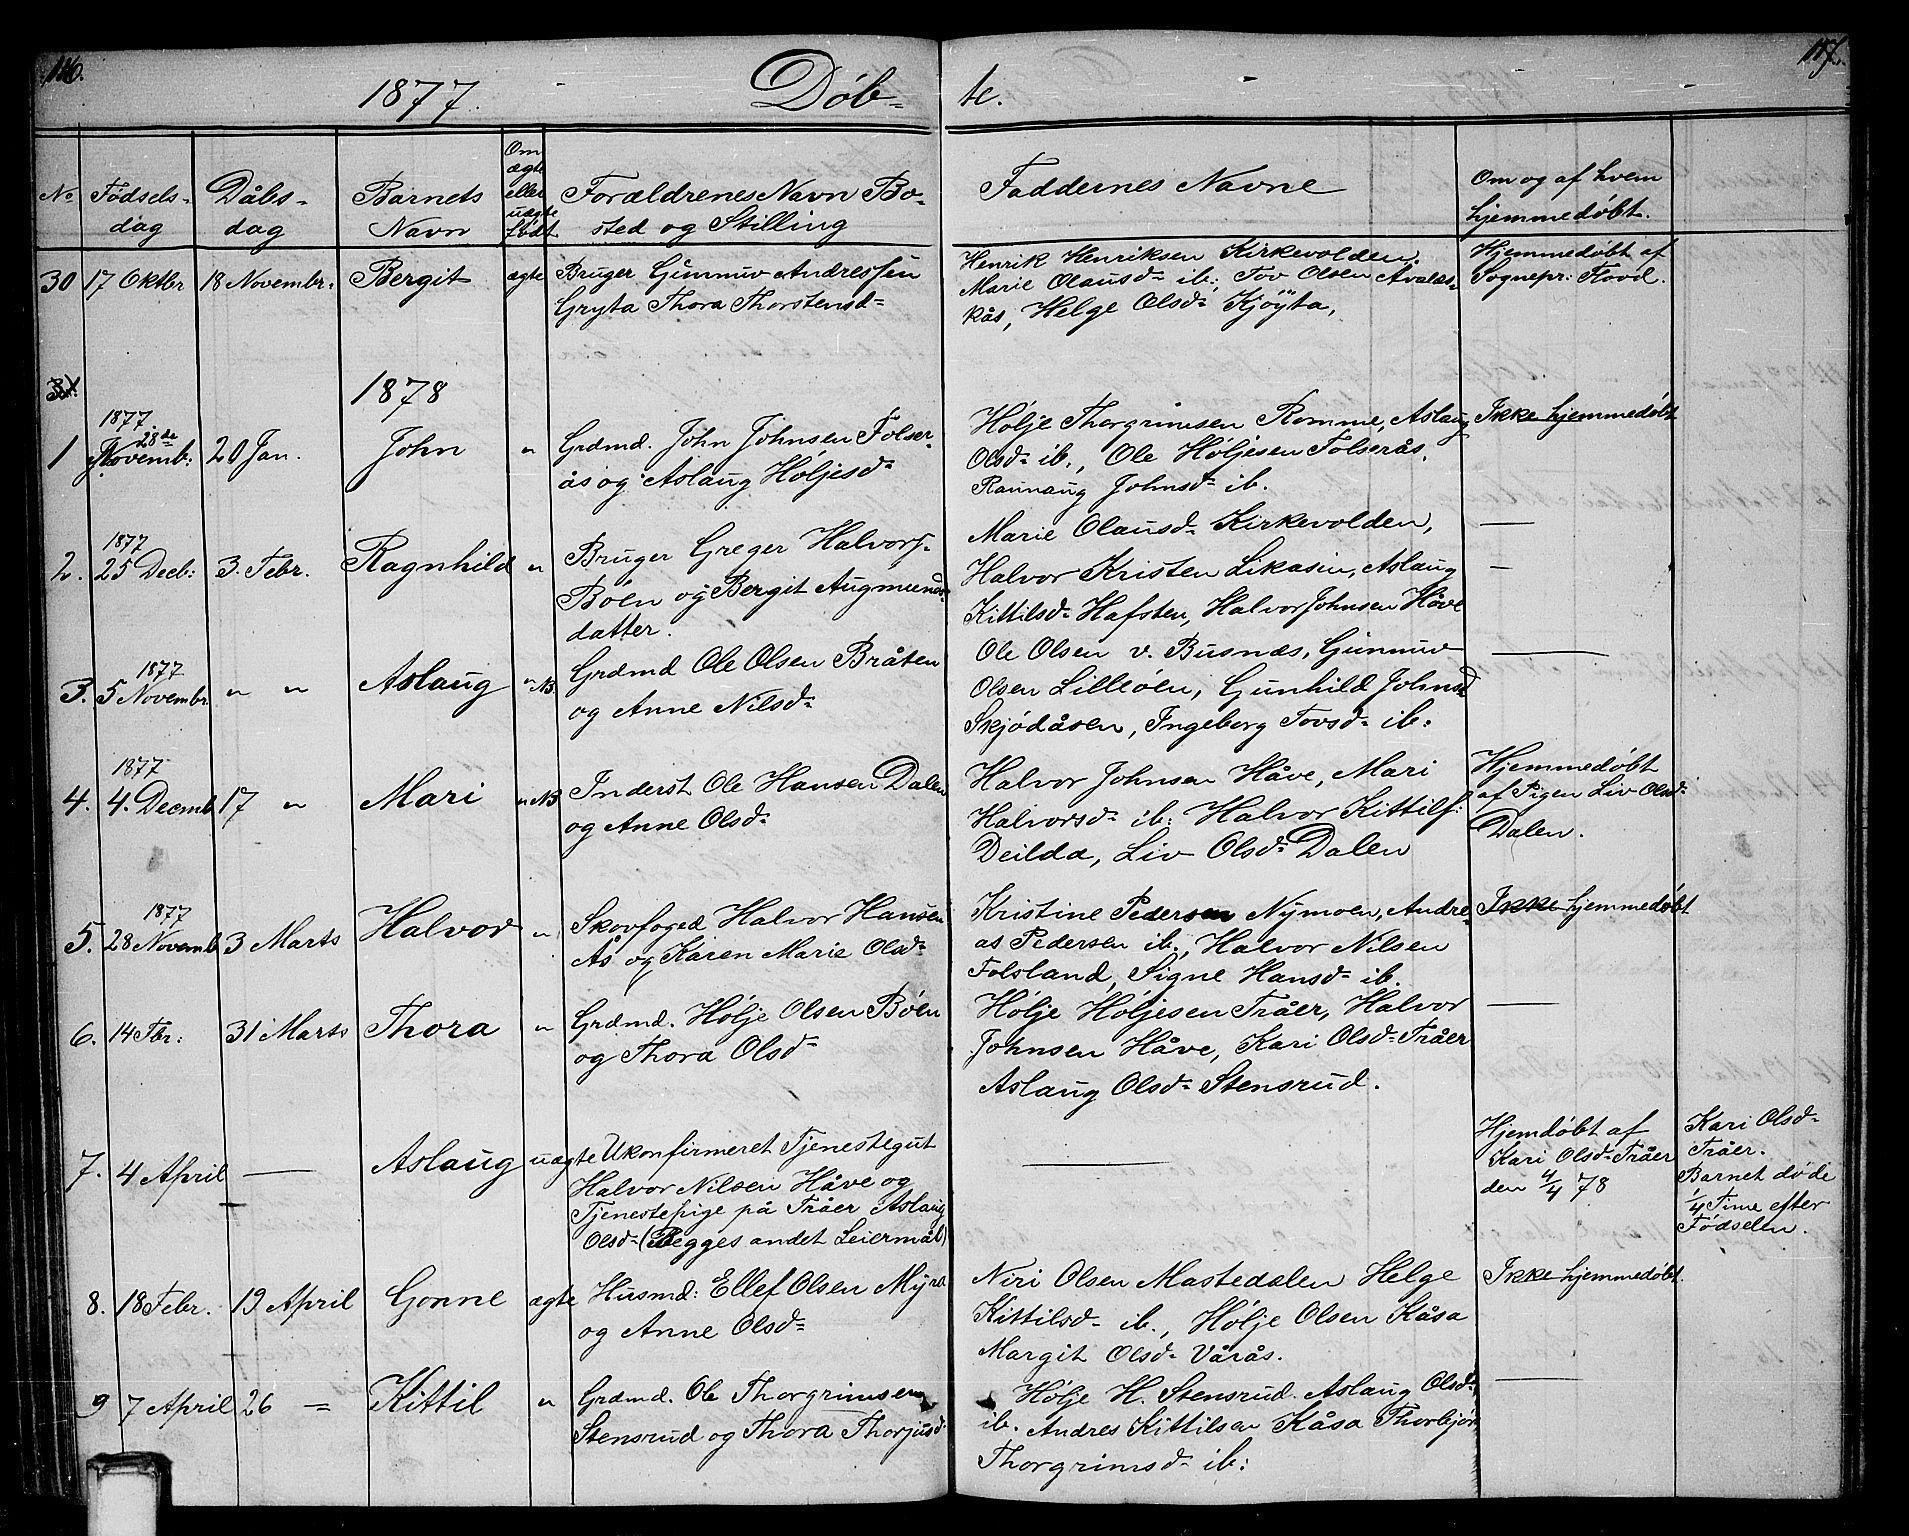 SAKO, Gransherad kirkebøker, G/Ga/L0002: Klokkerbok nr. I 2, 1854-1886, s. 116-117